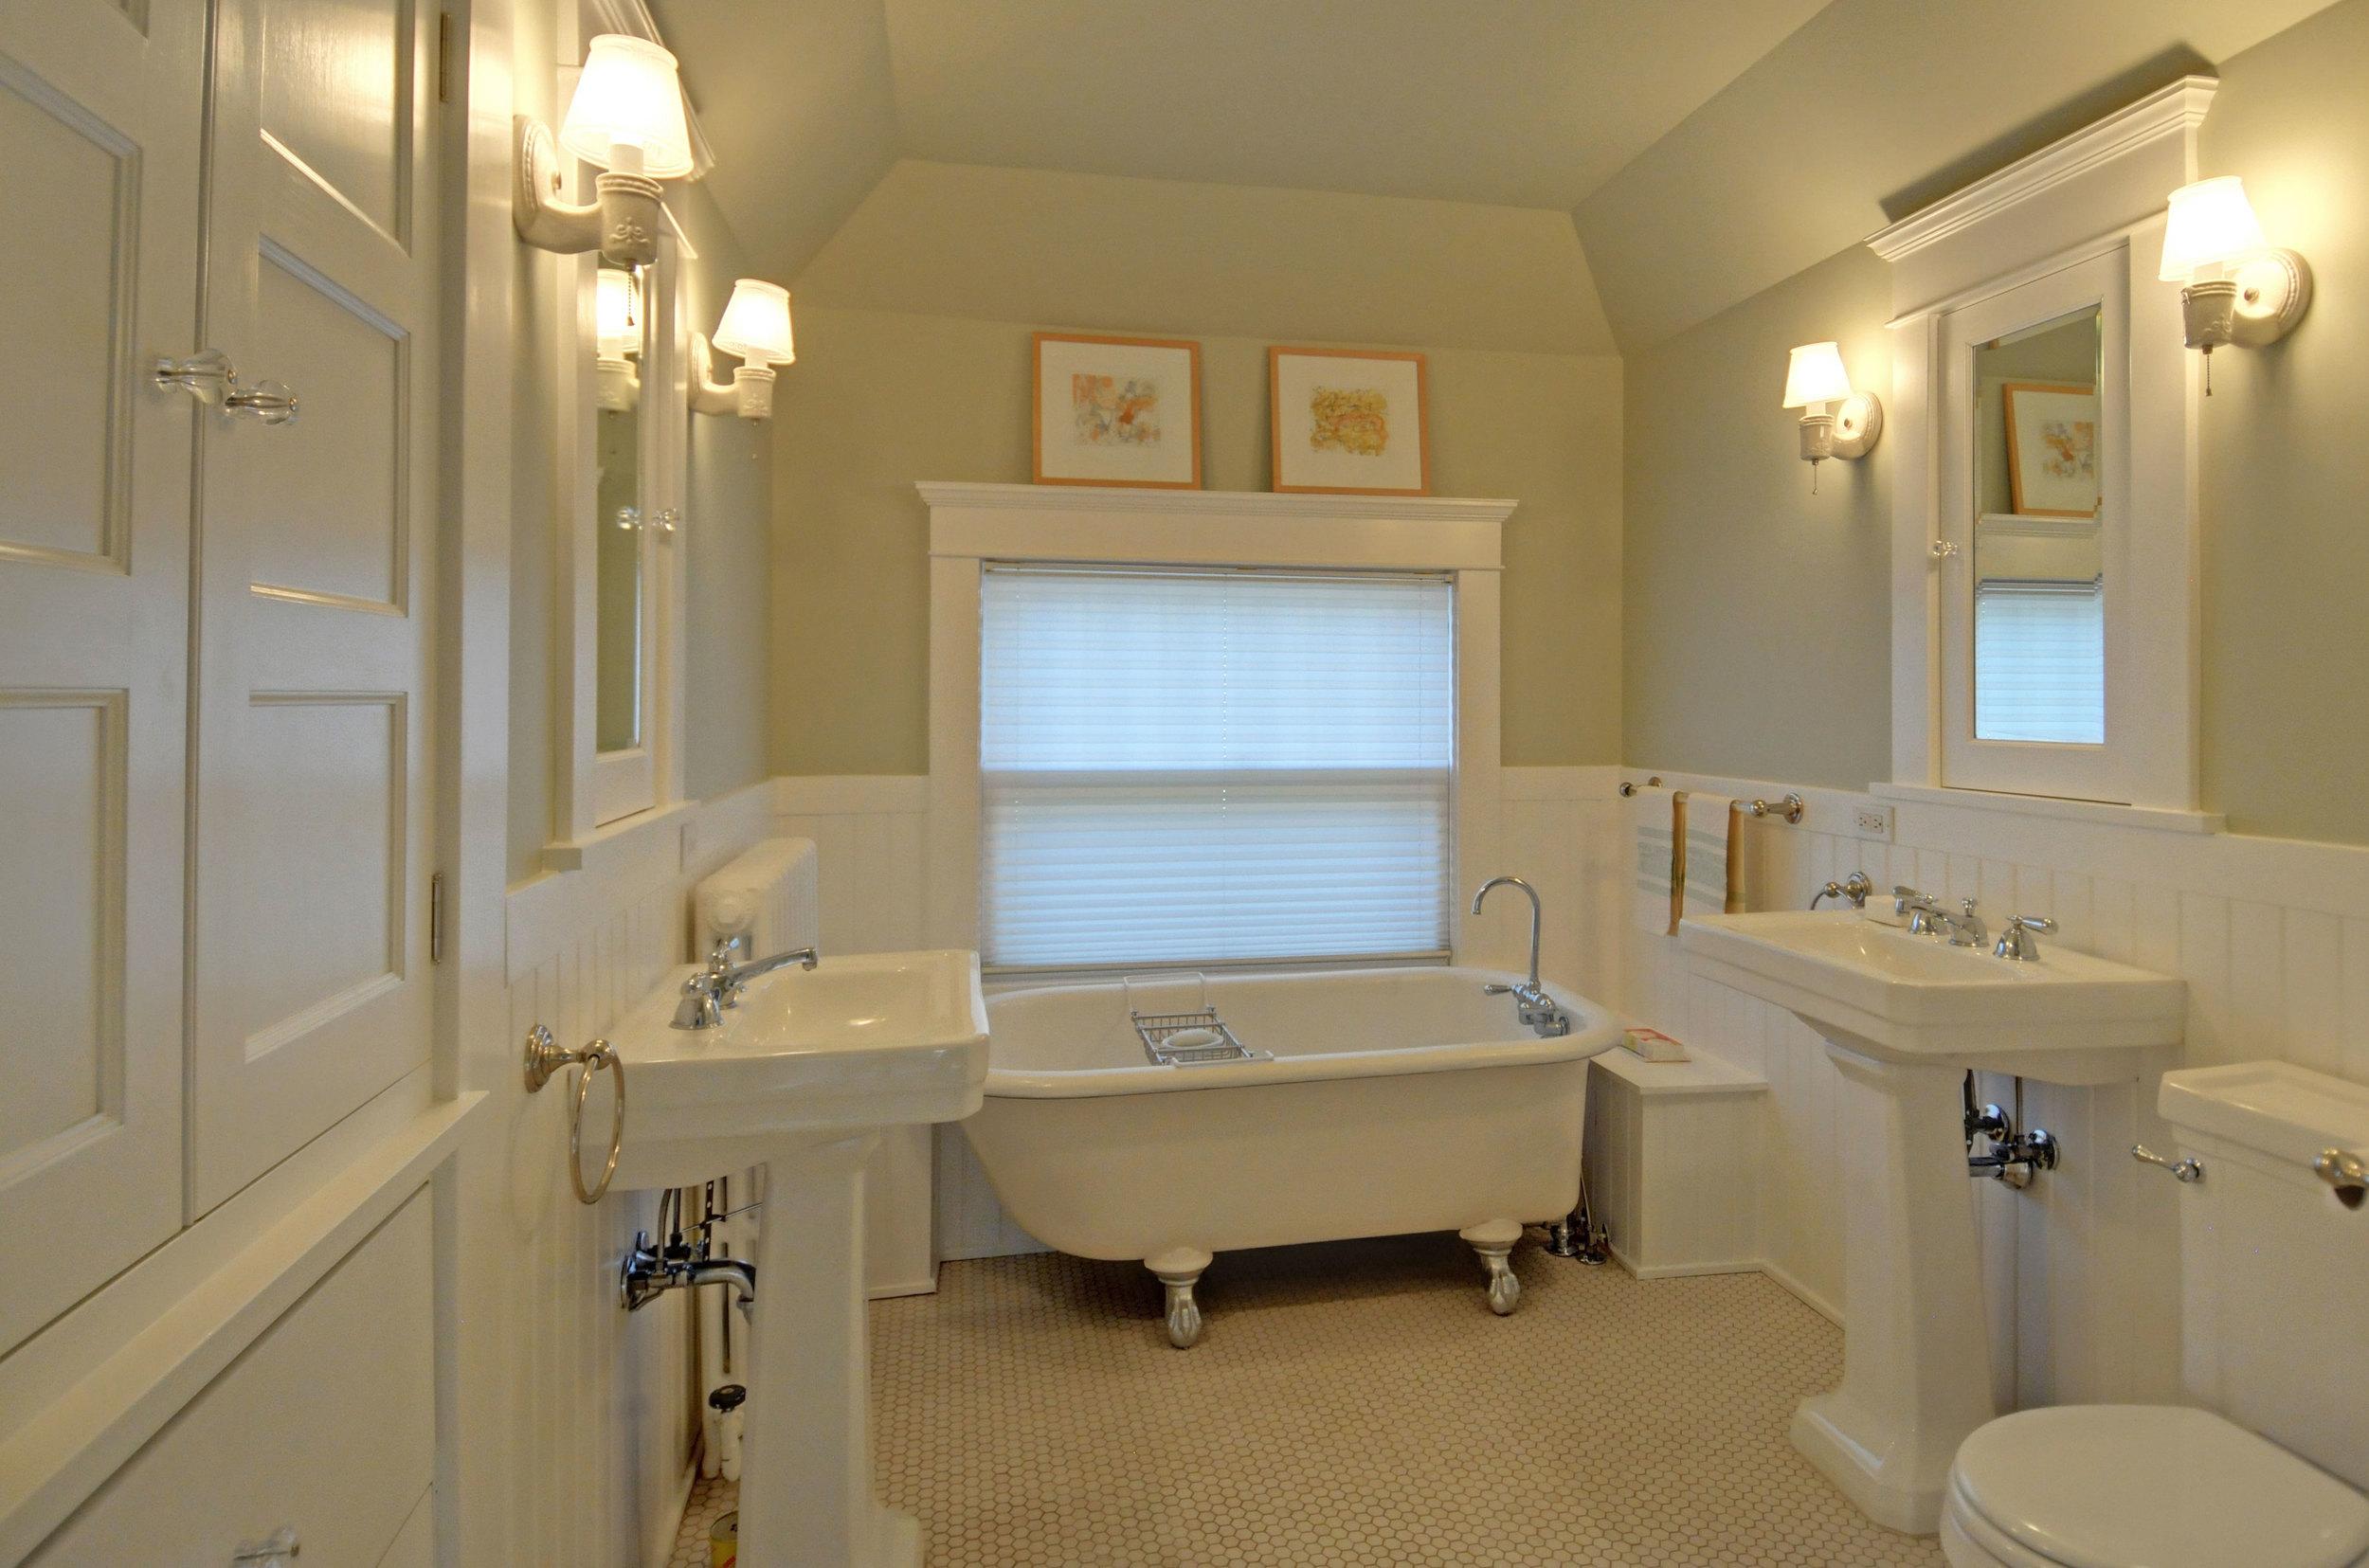 2424-master-bath.jpg